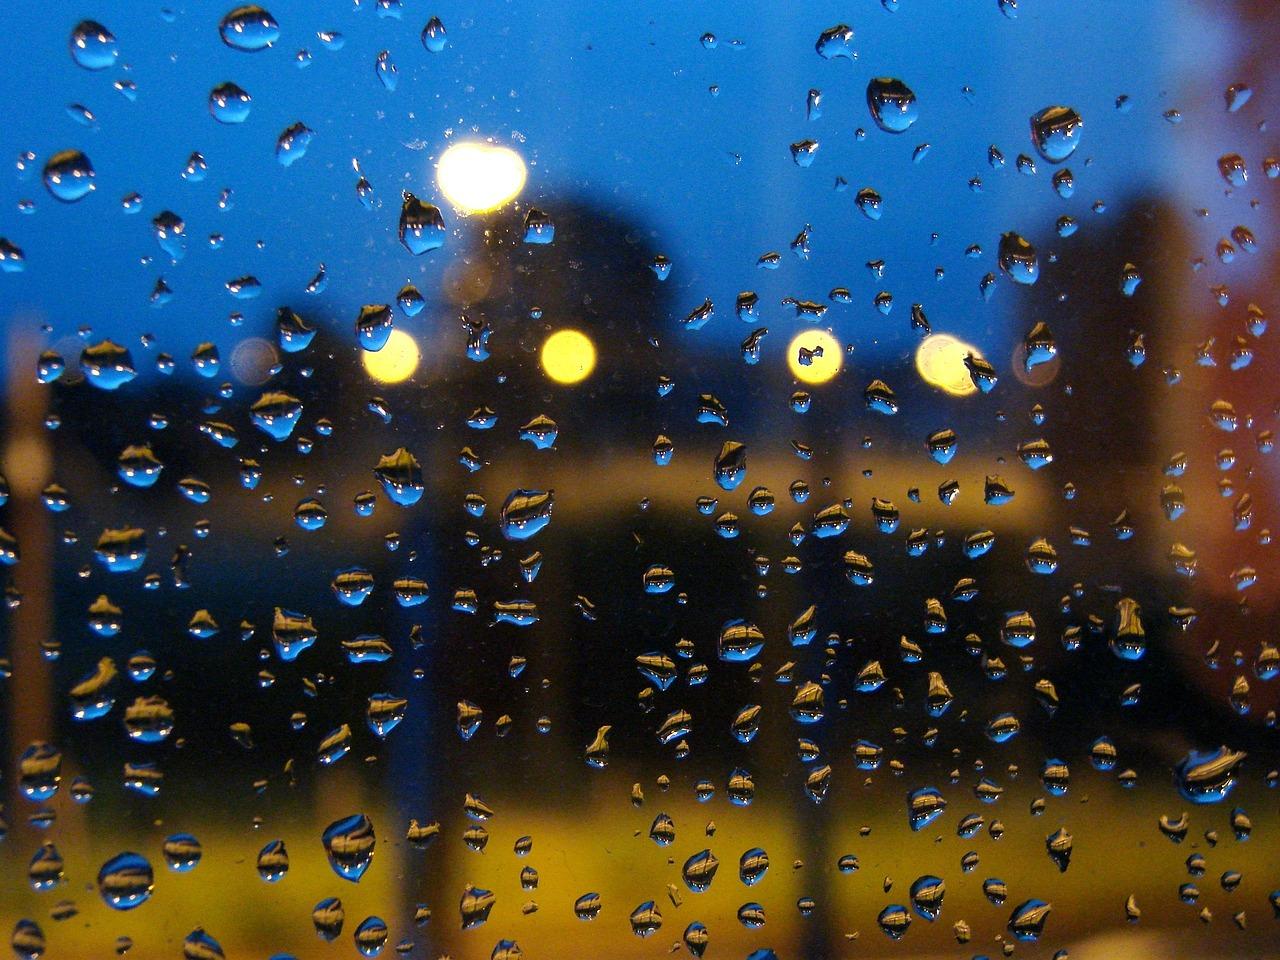 изяществом своим красивые картинки дождя на стекле мясо, хотя